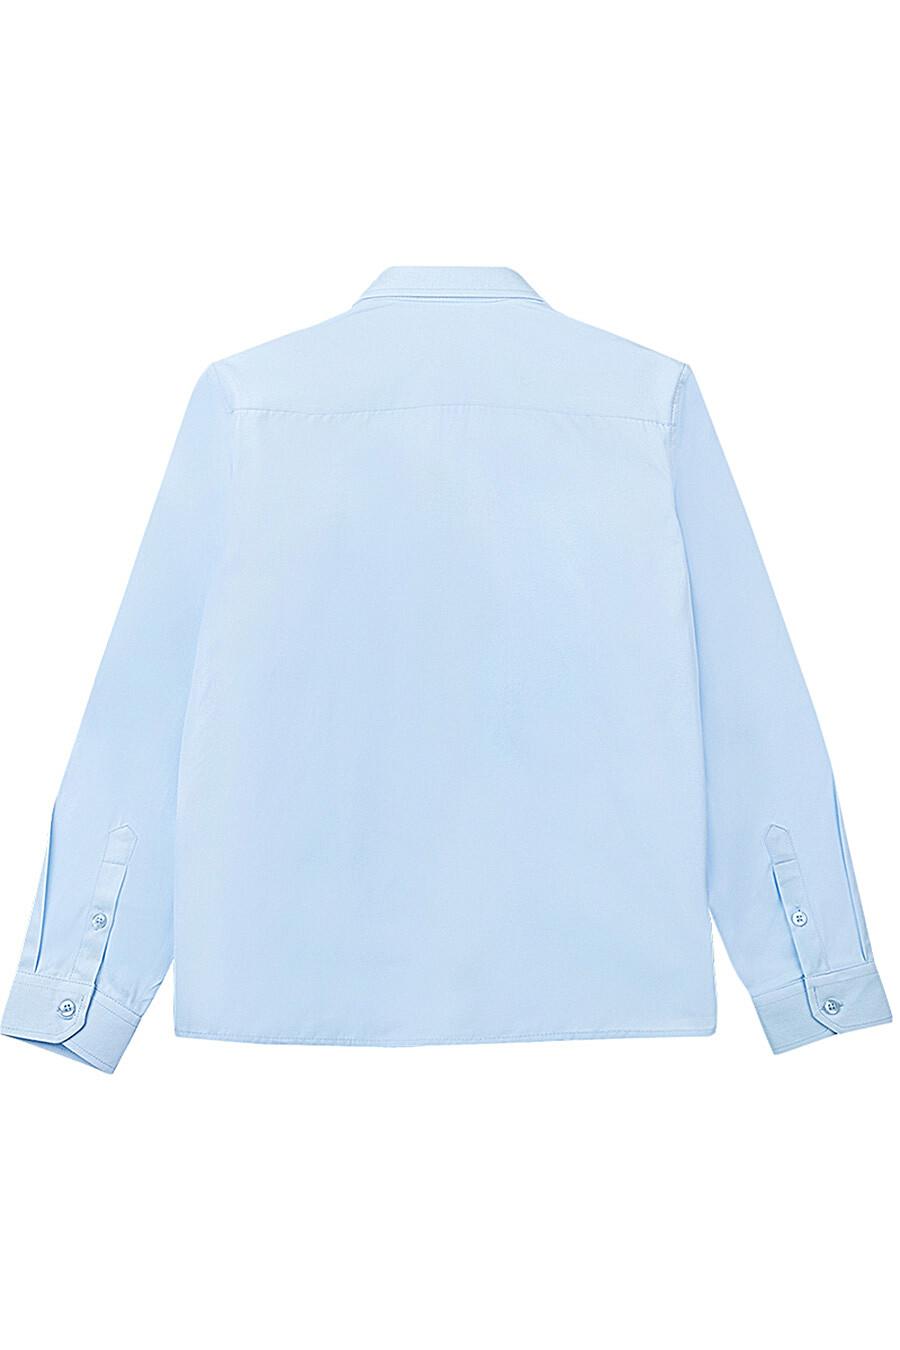 Рубашка для мальчиков PLAYTODAY 205291 купить оптом от производителя. Совместная покупка детской одежды в OptMoyo